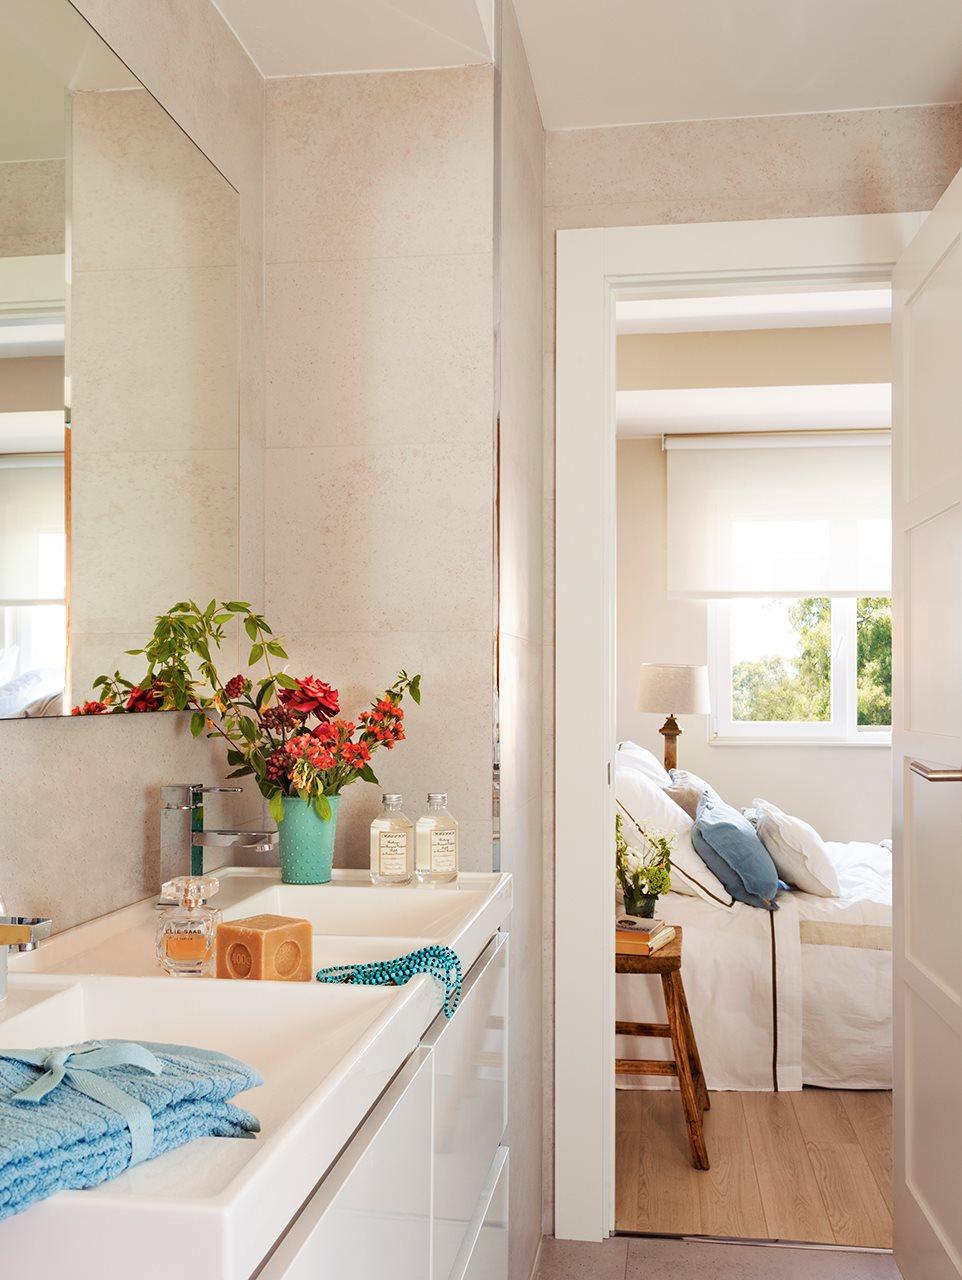 Vista del dormitorio desde baño en blanco. Desde el baño